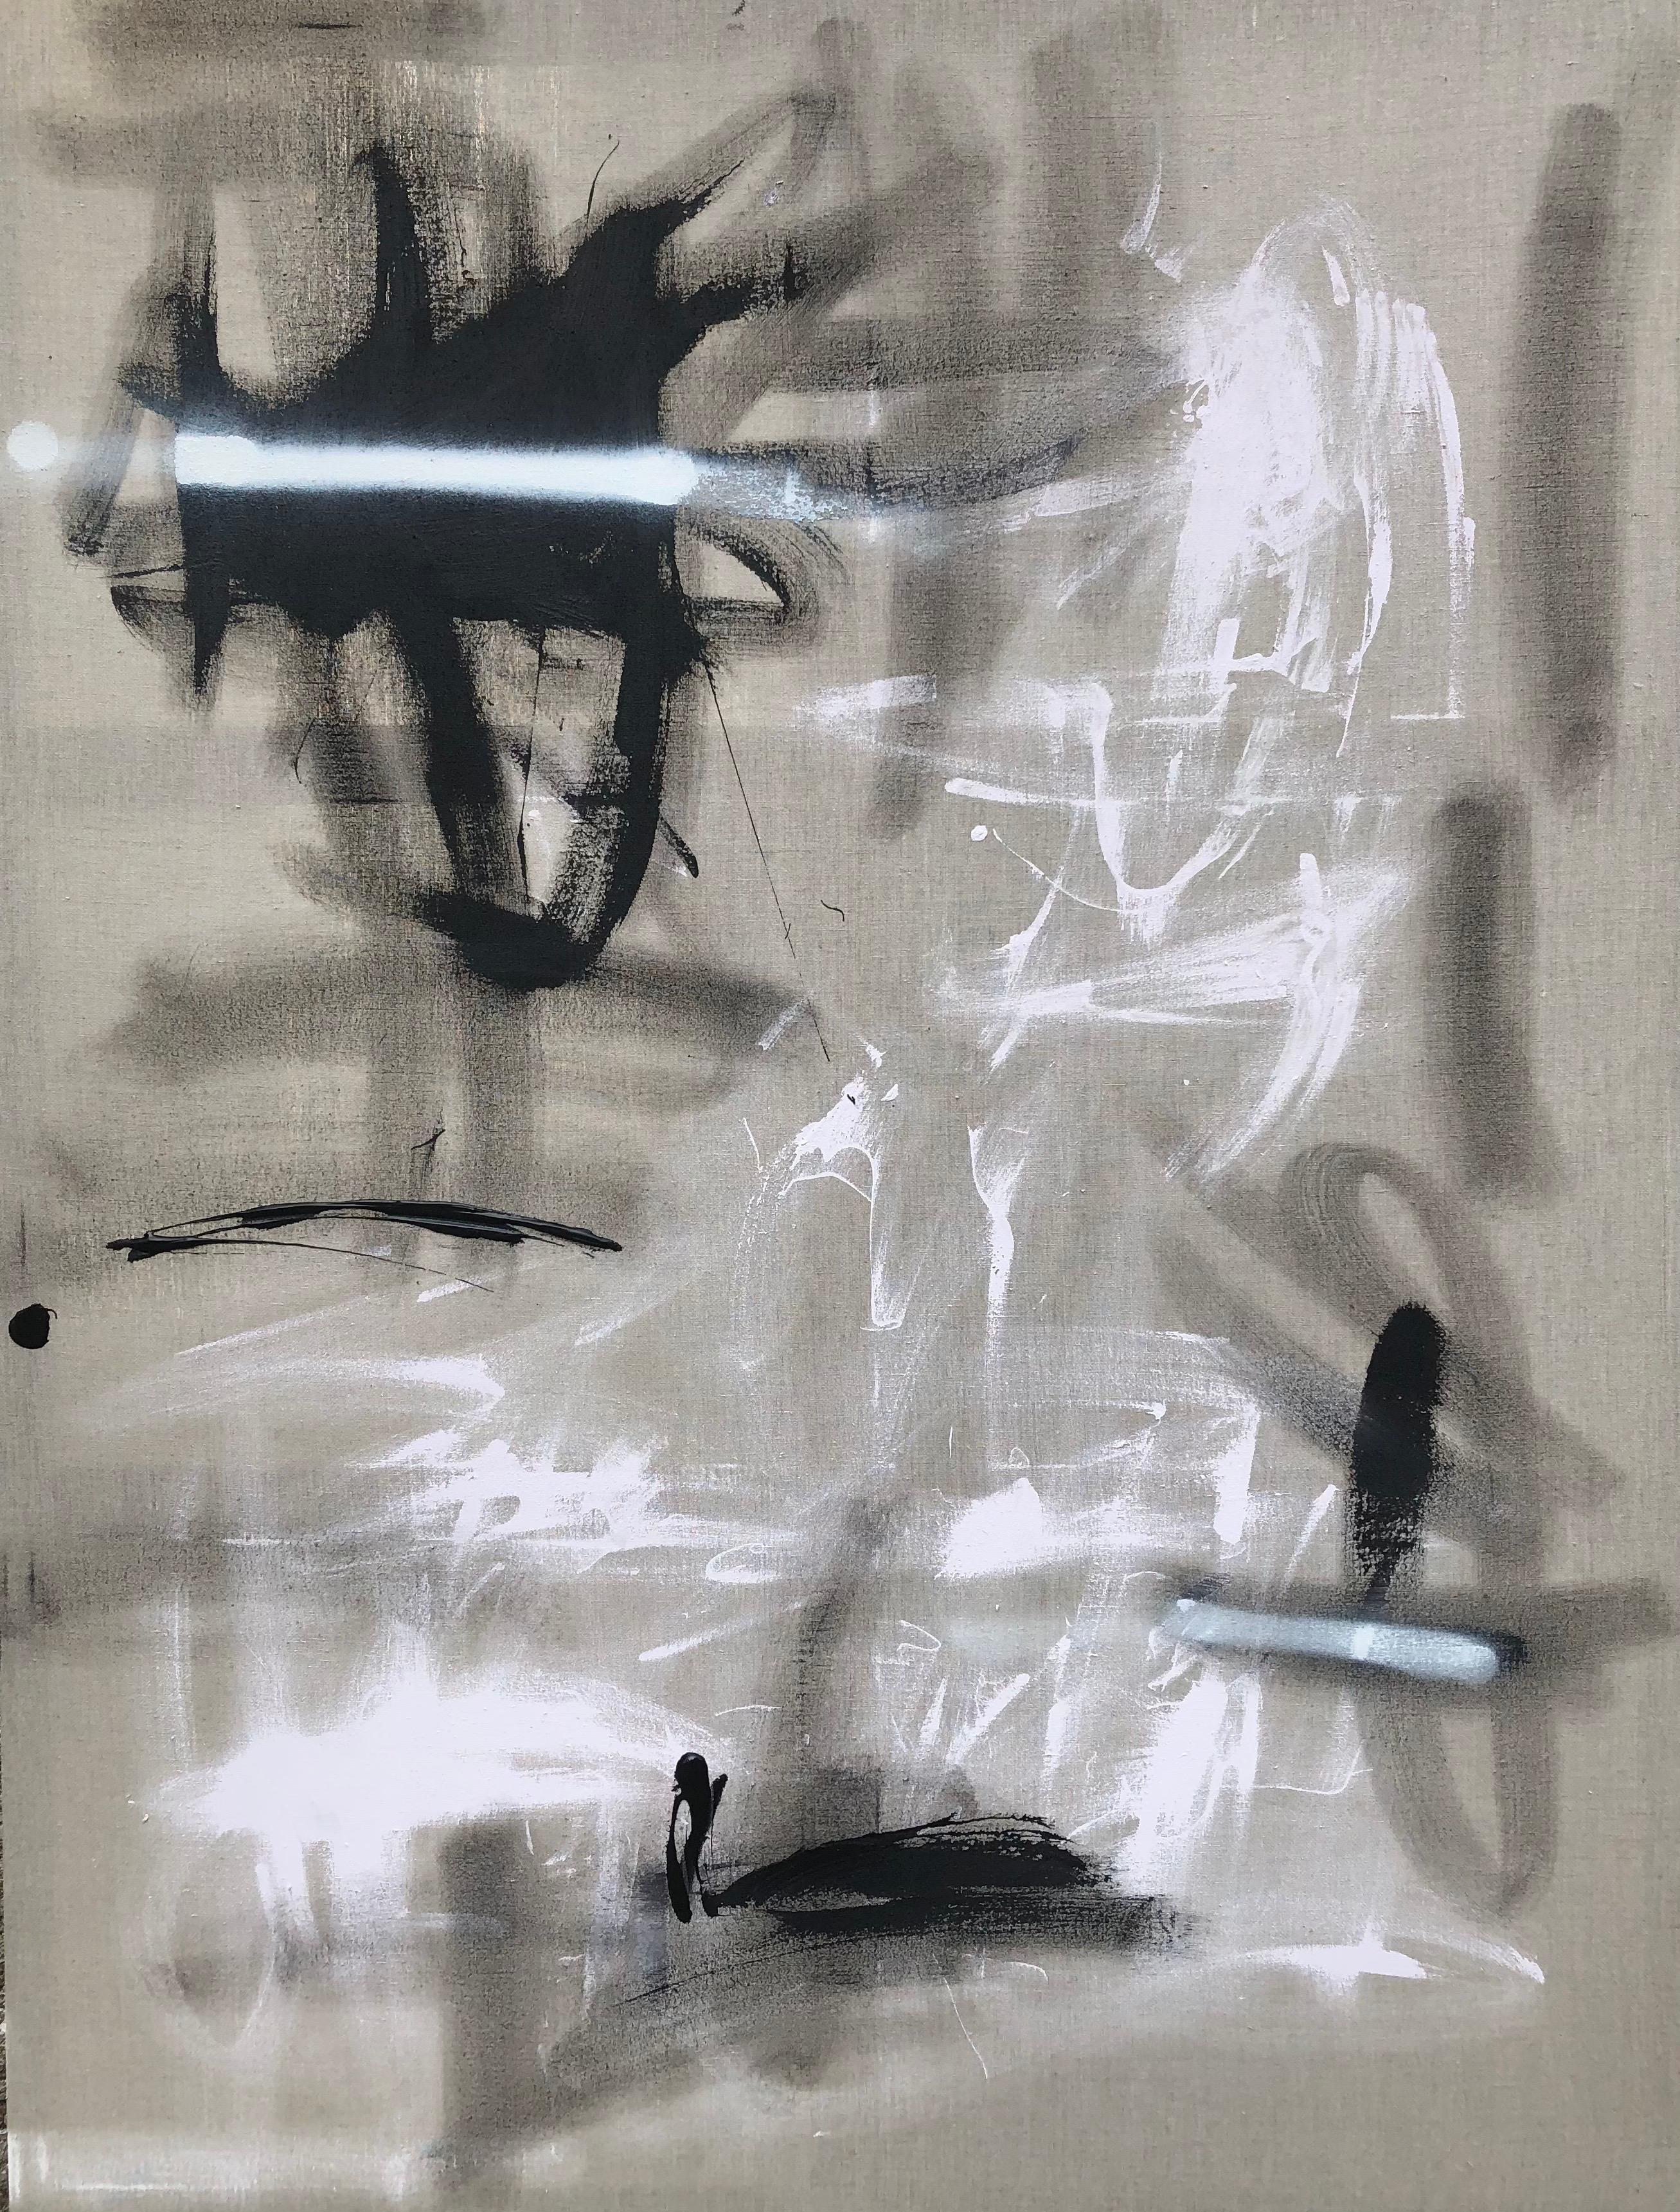 Original Painting on Linen Titled: Salt & Pepper II